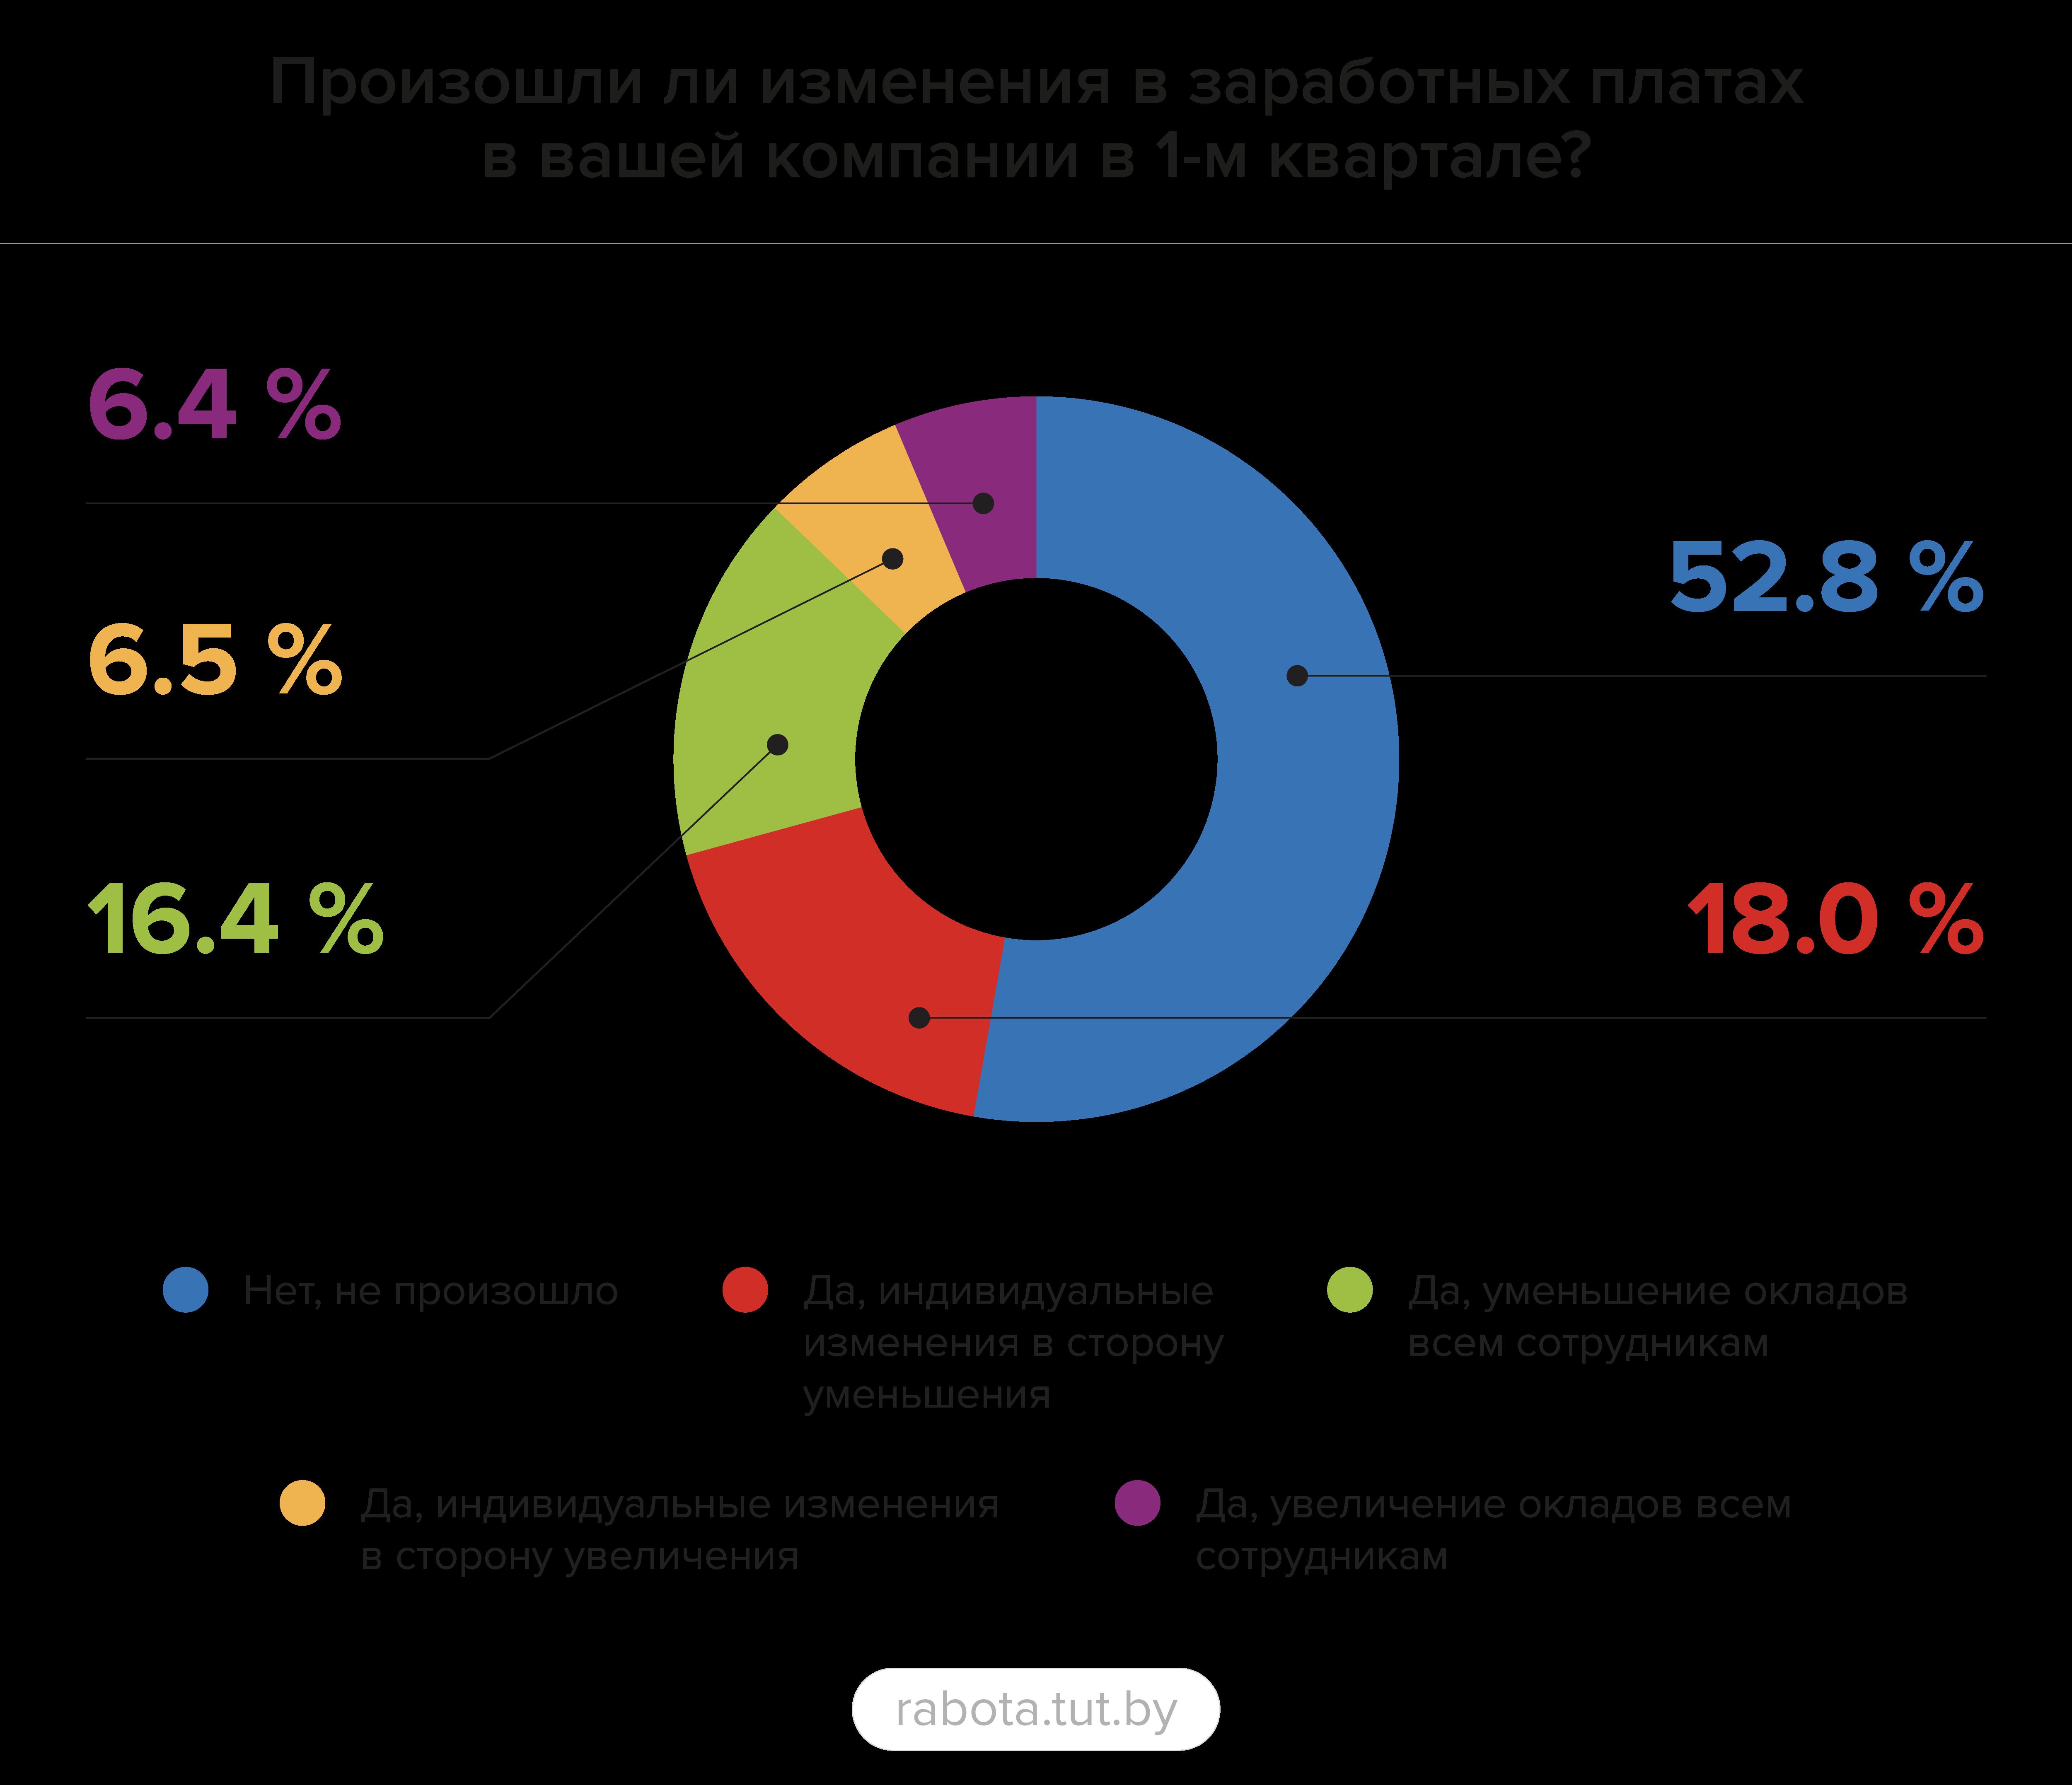 Более 50% специалистов отмечают сохранение заработной платы в 1 квартале 2020 года